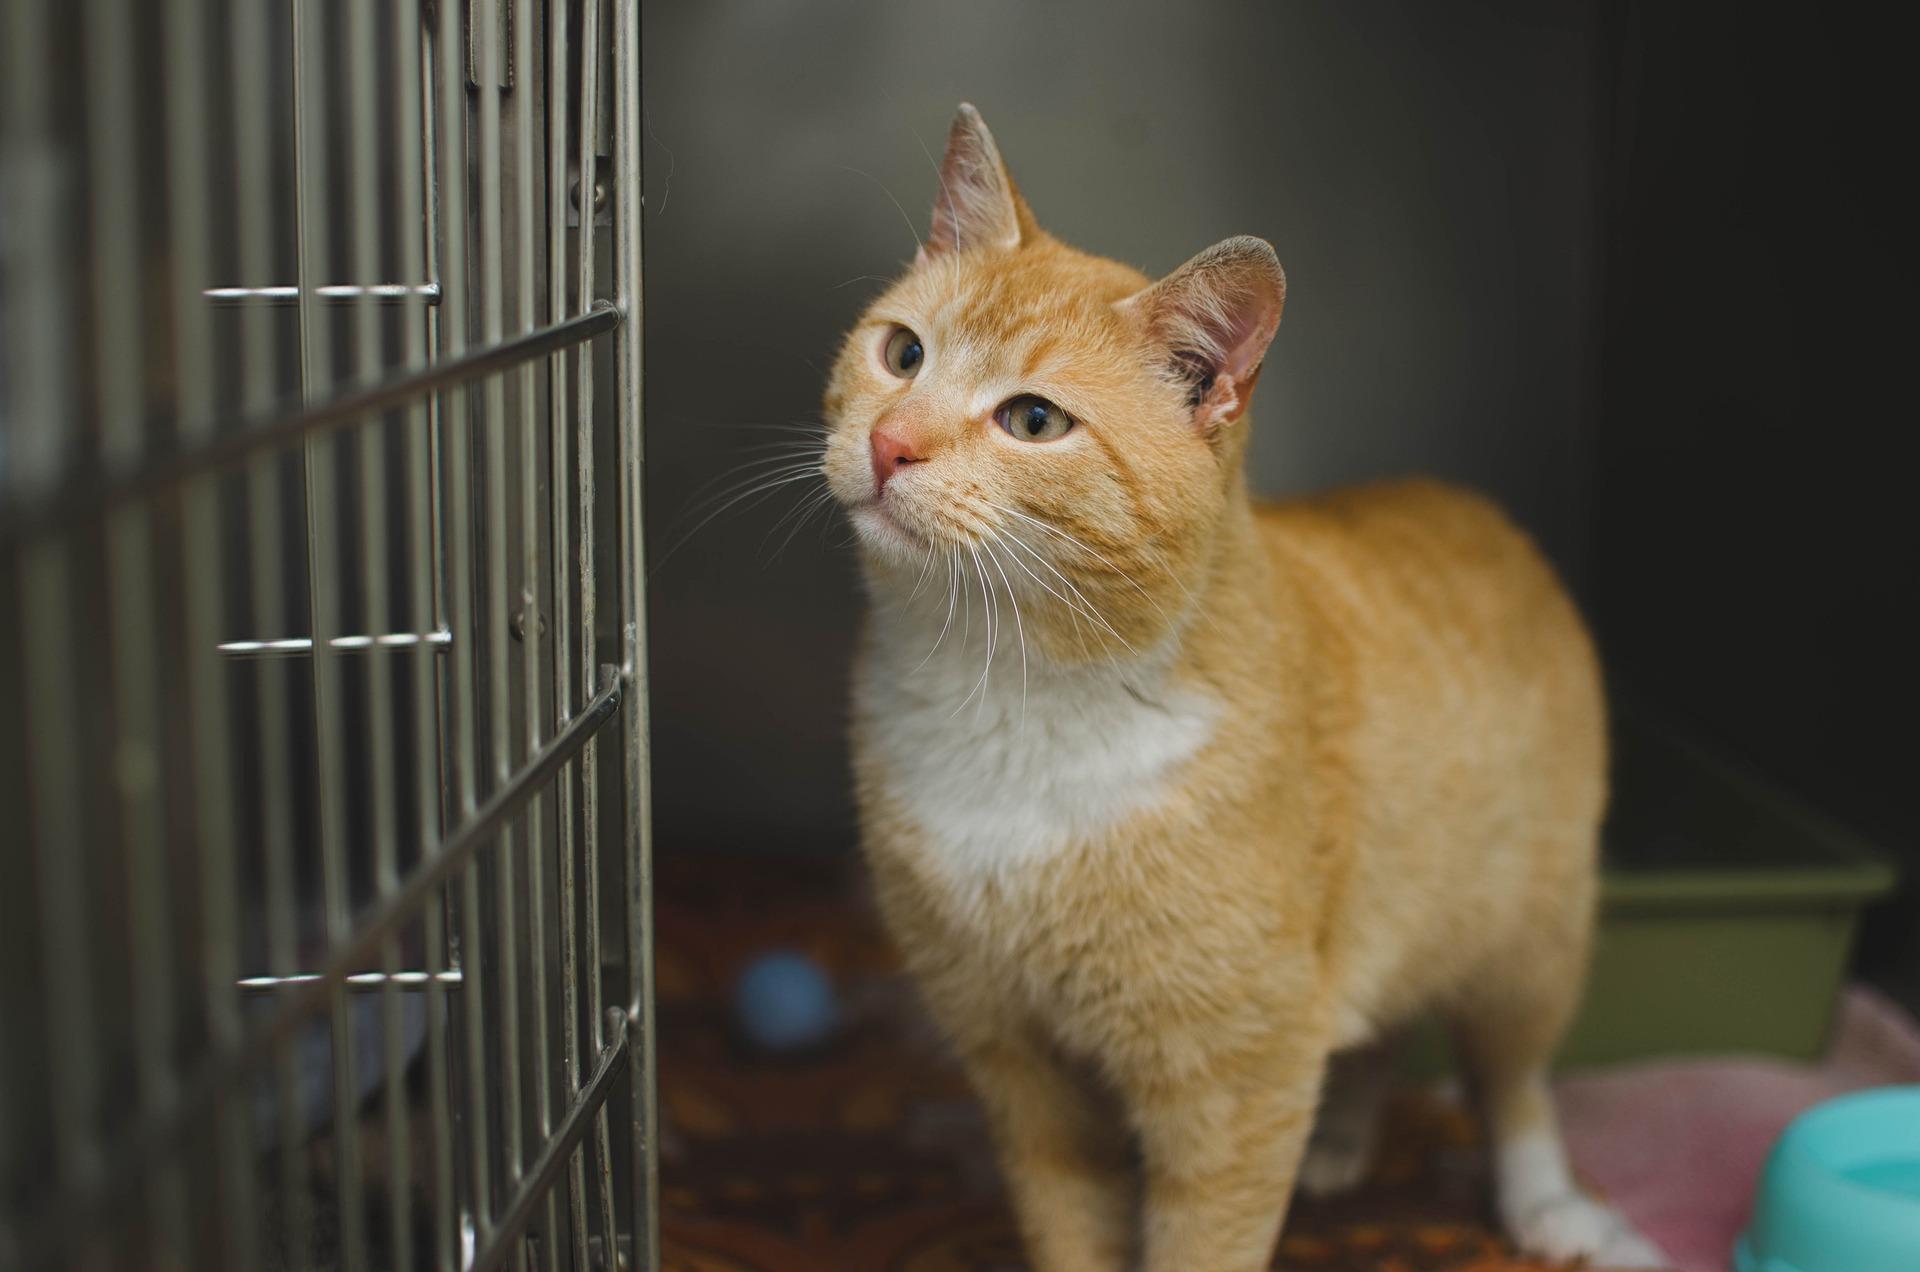 Szczepienie kota nie jest w Polsce ustawowo obowiązkowe. Jednak dzięki niemu zwierzę uniknie wielu groźnych chorób.